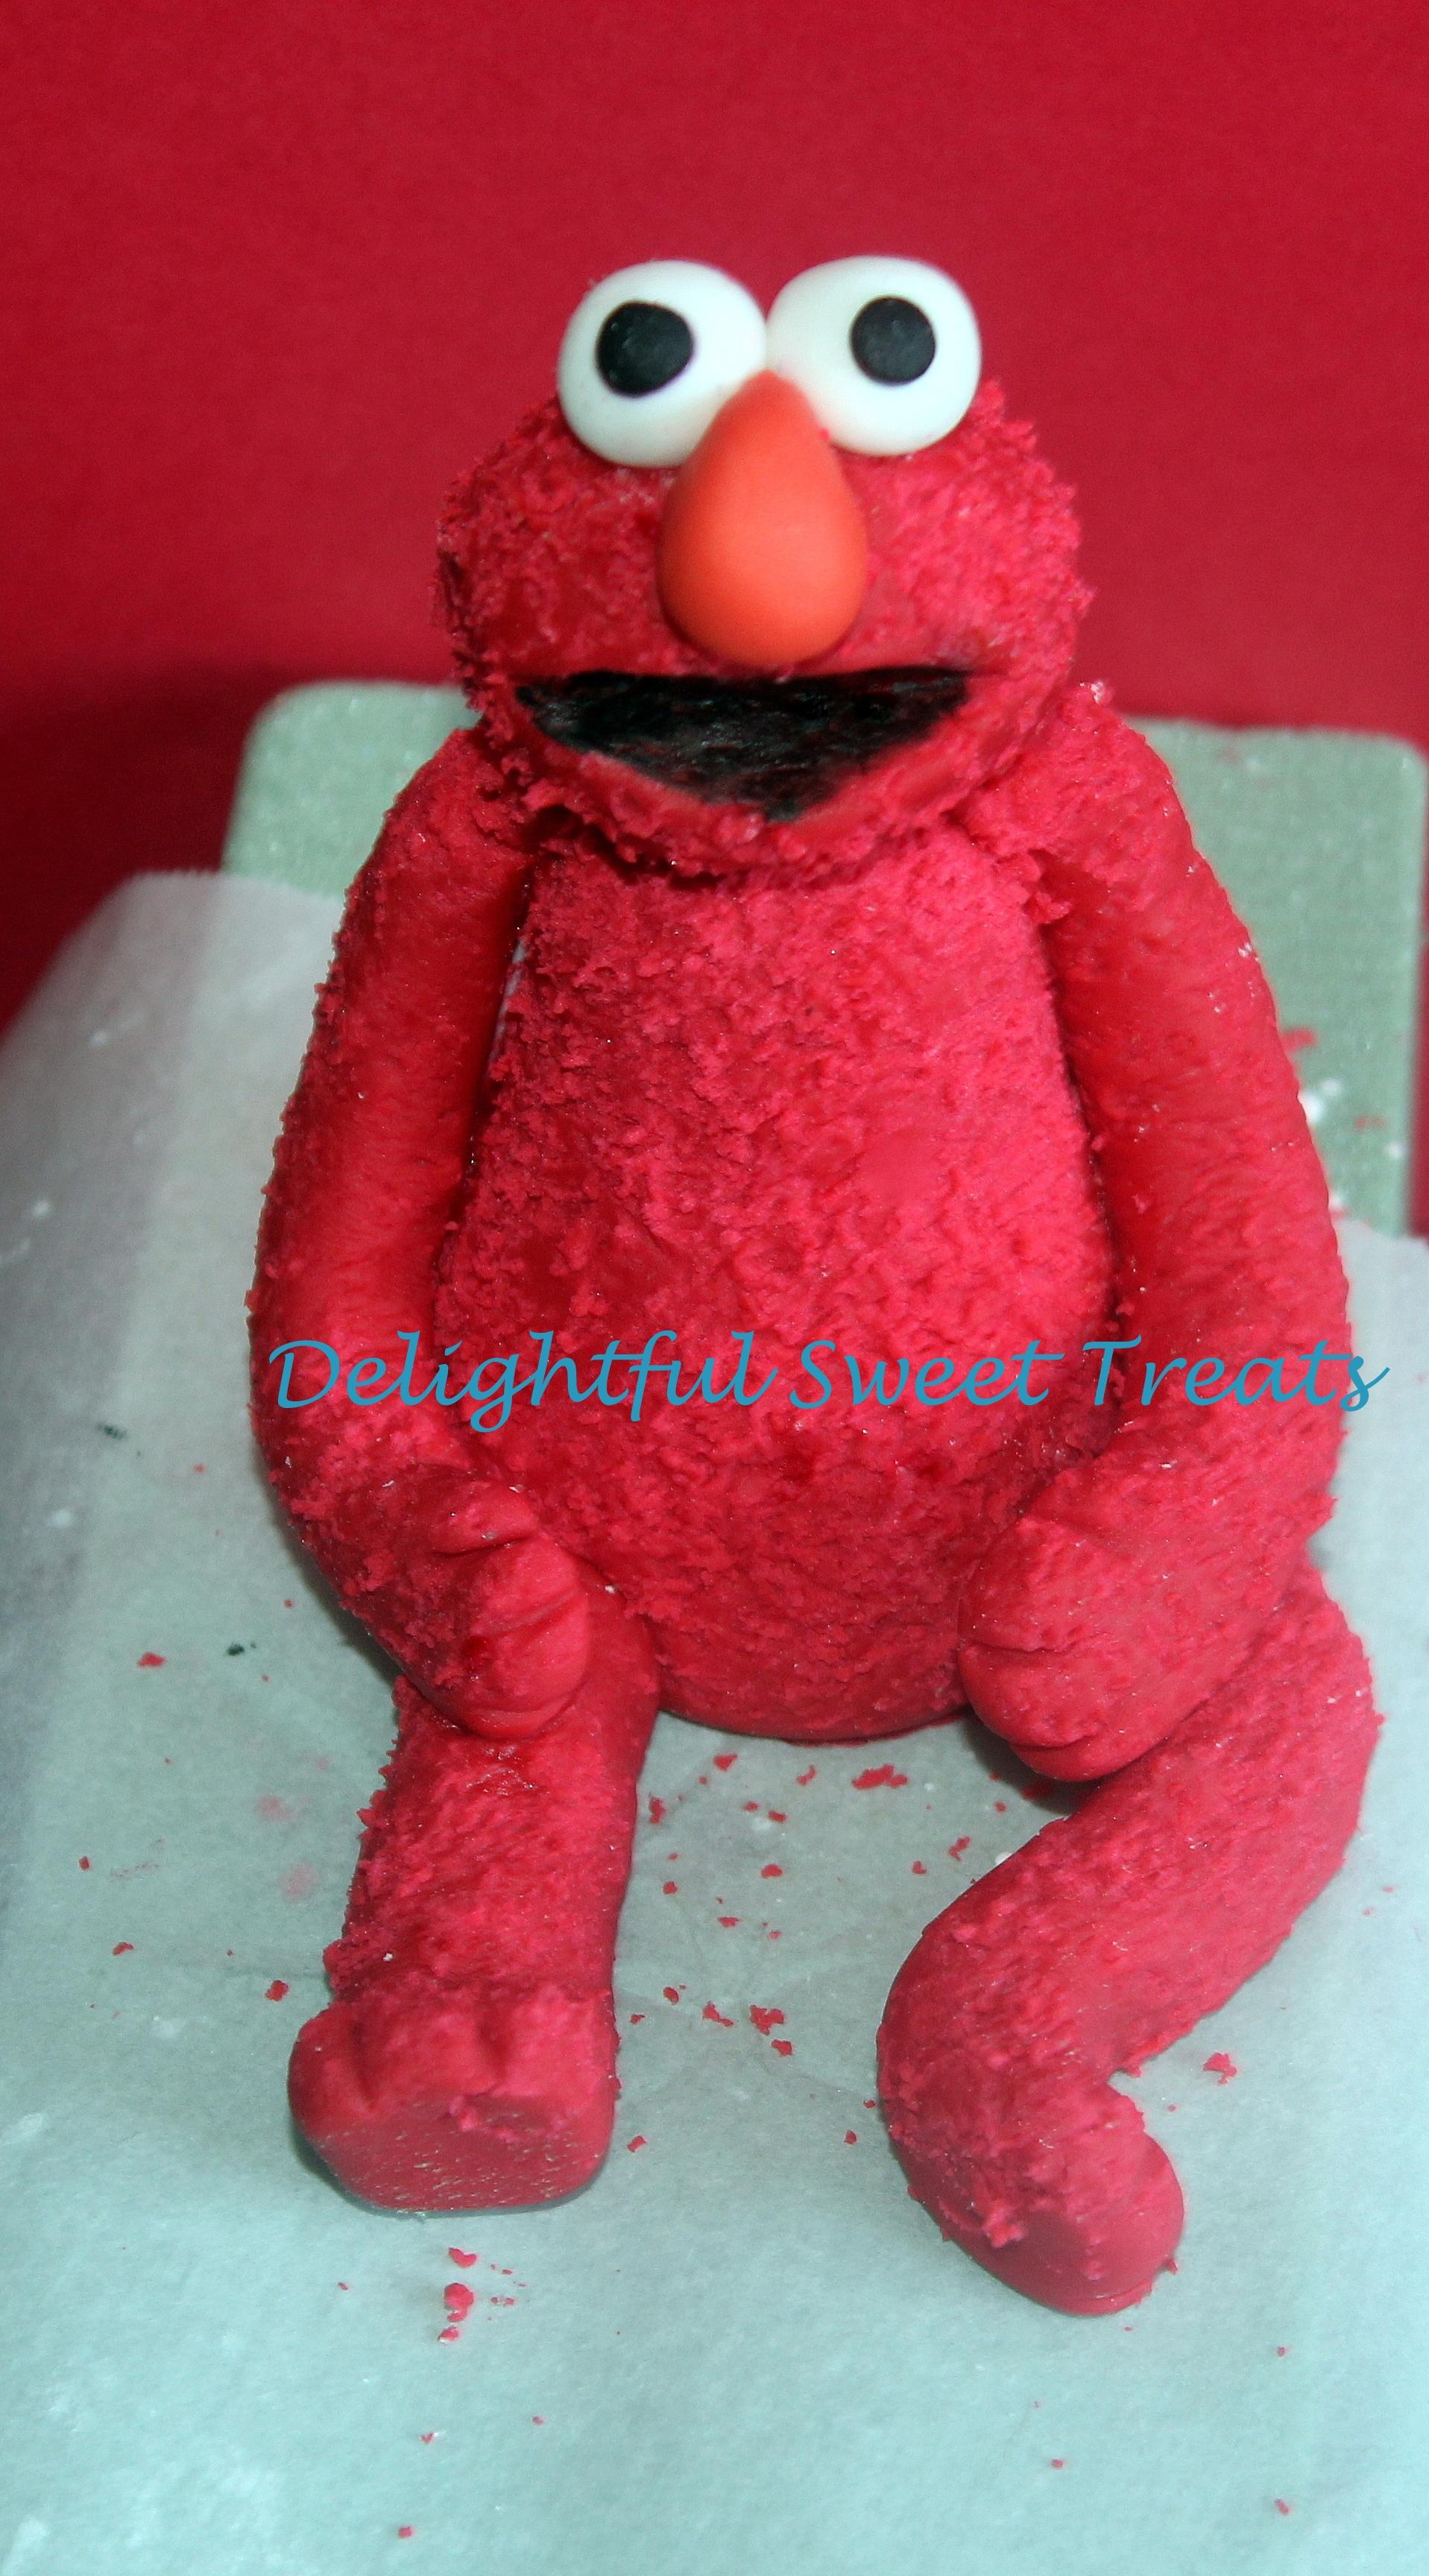 Elmo-2Nd Birthday Cake - CakeCentral.com